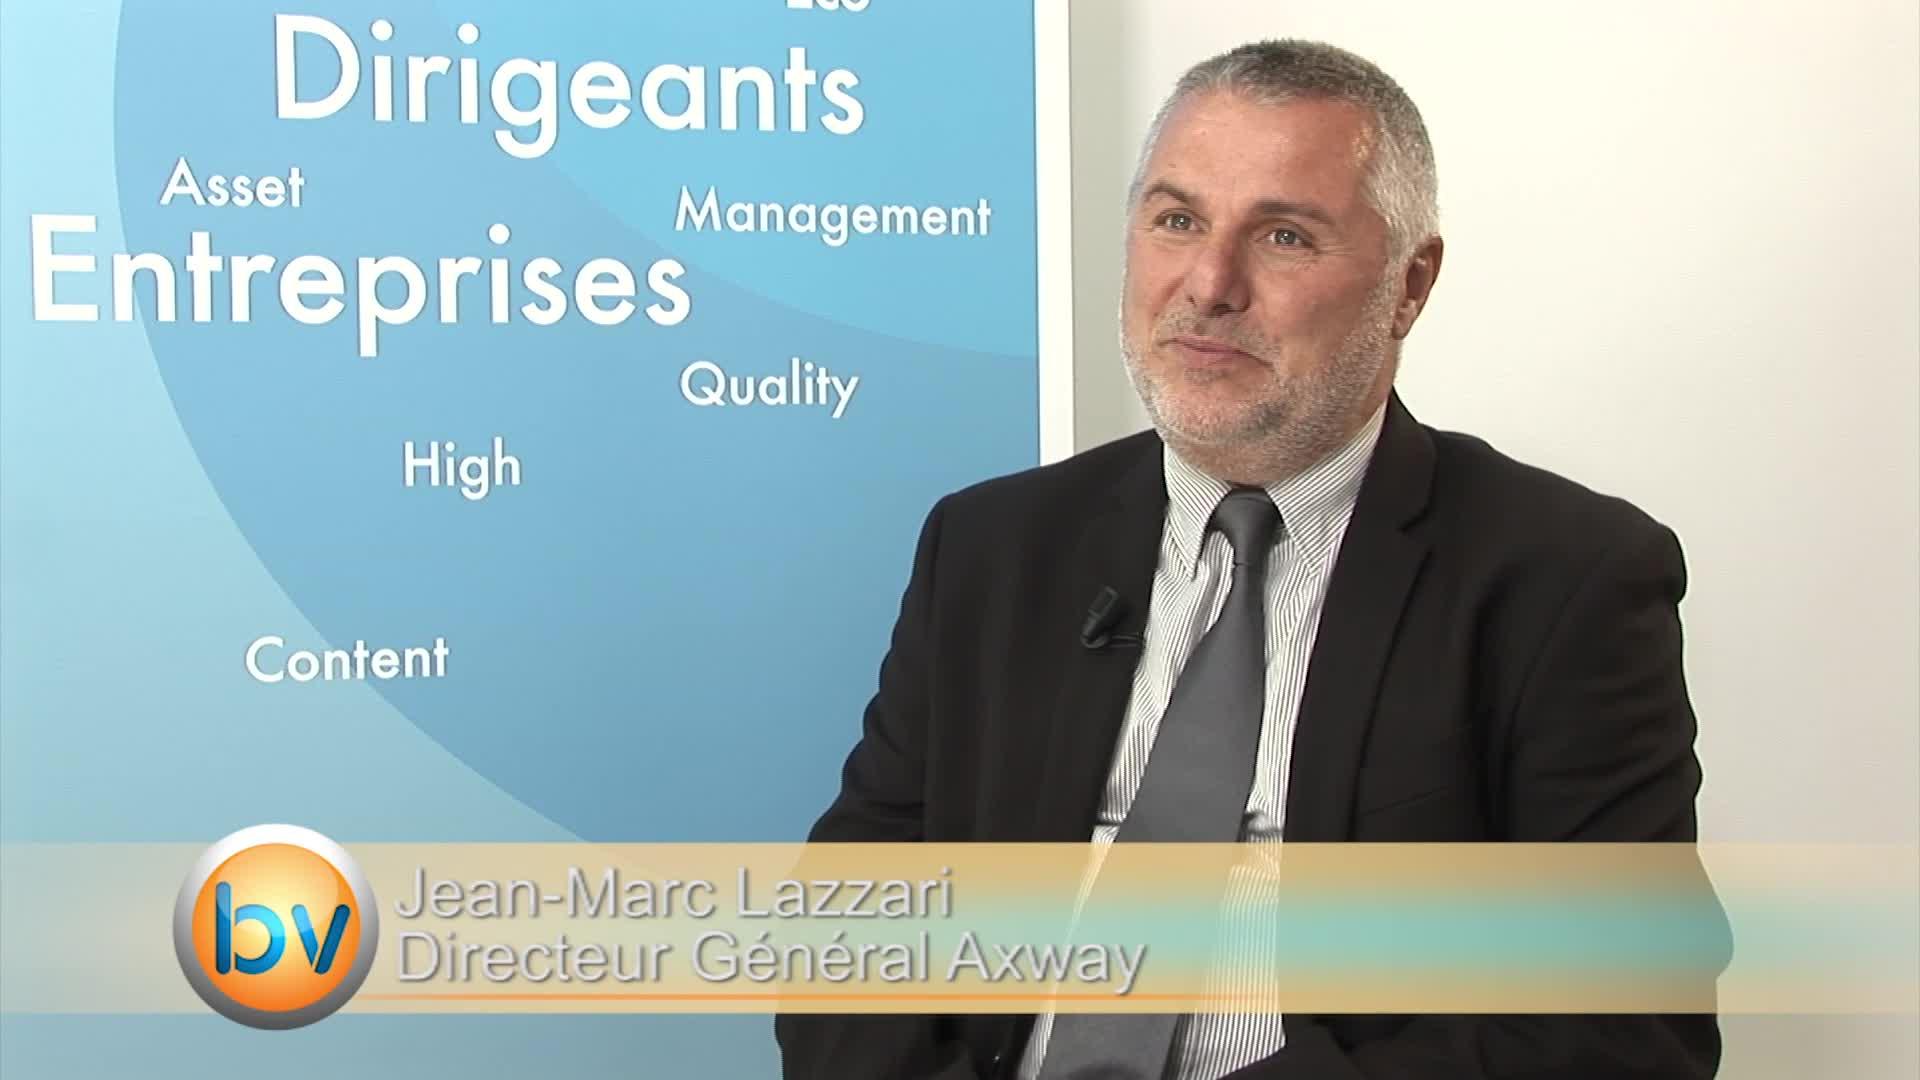 Jean-Marc Lazzari Directeur Général Axway : «La transformation est en cours»